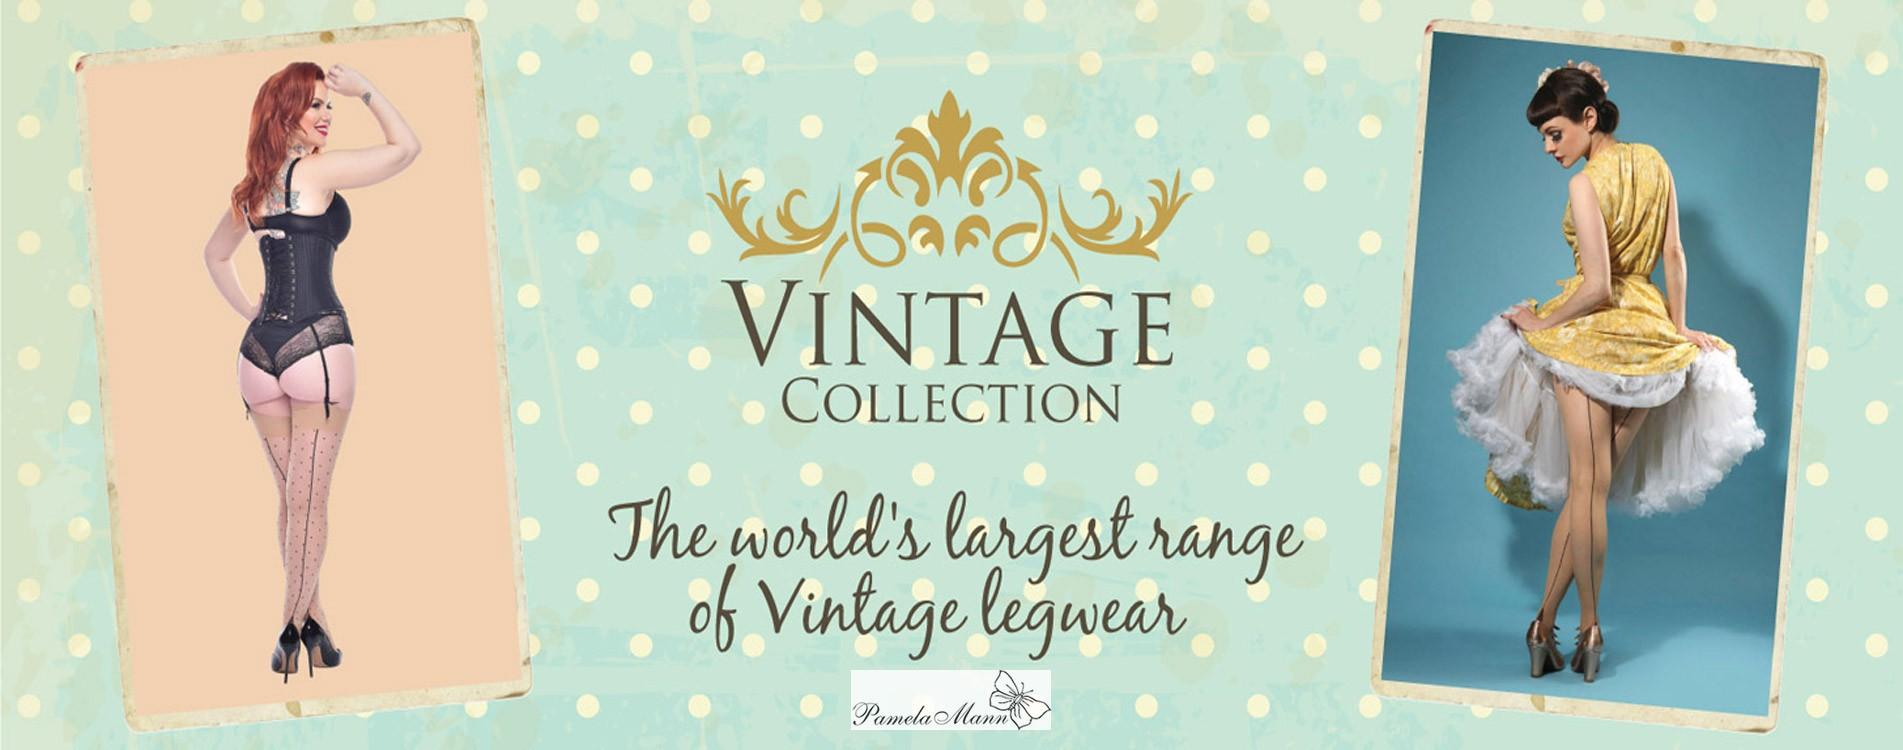 Les bas et collants vintage de Pamela Mann sur collant.fr